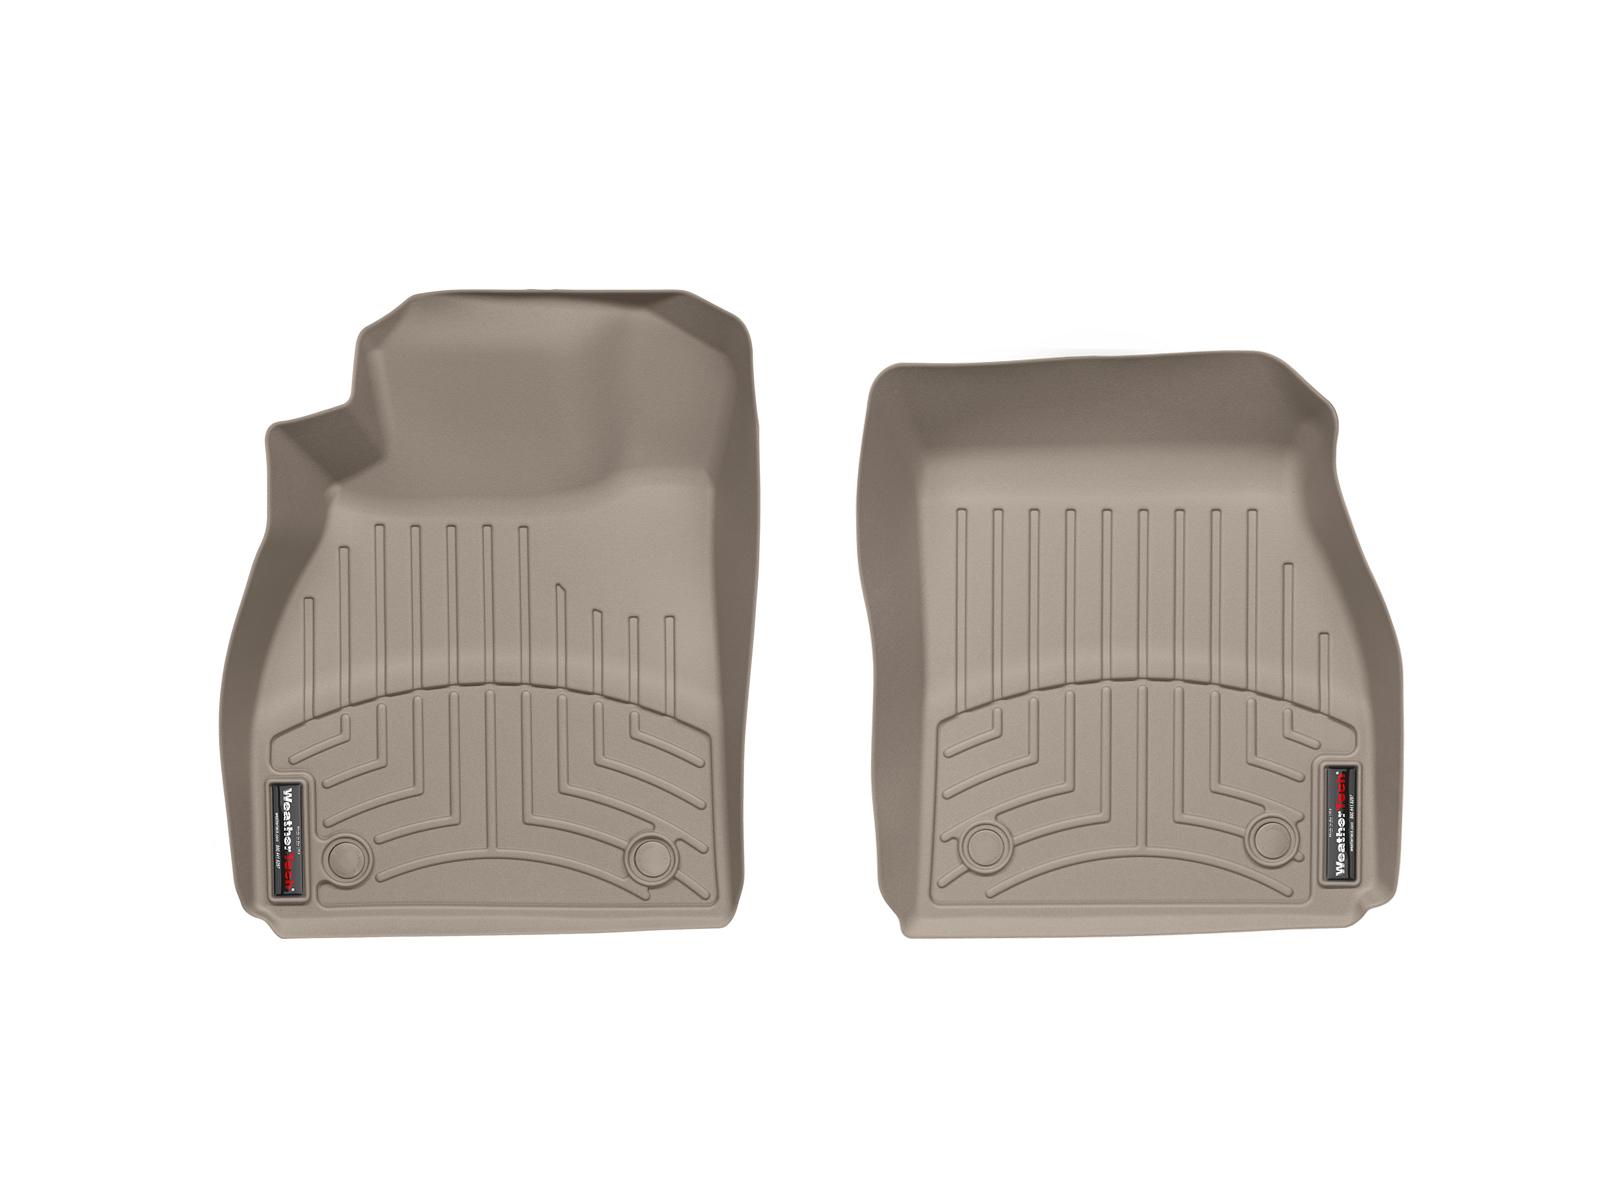 Tappeti gomma su misura bordo alto Chevrolet Malibu 13>15 Marrone A144